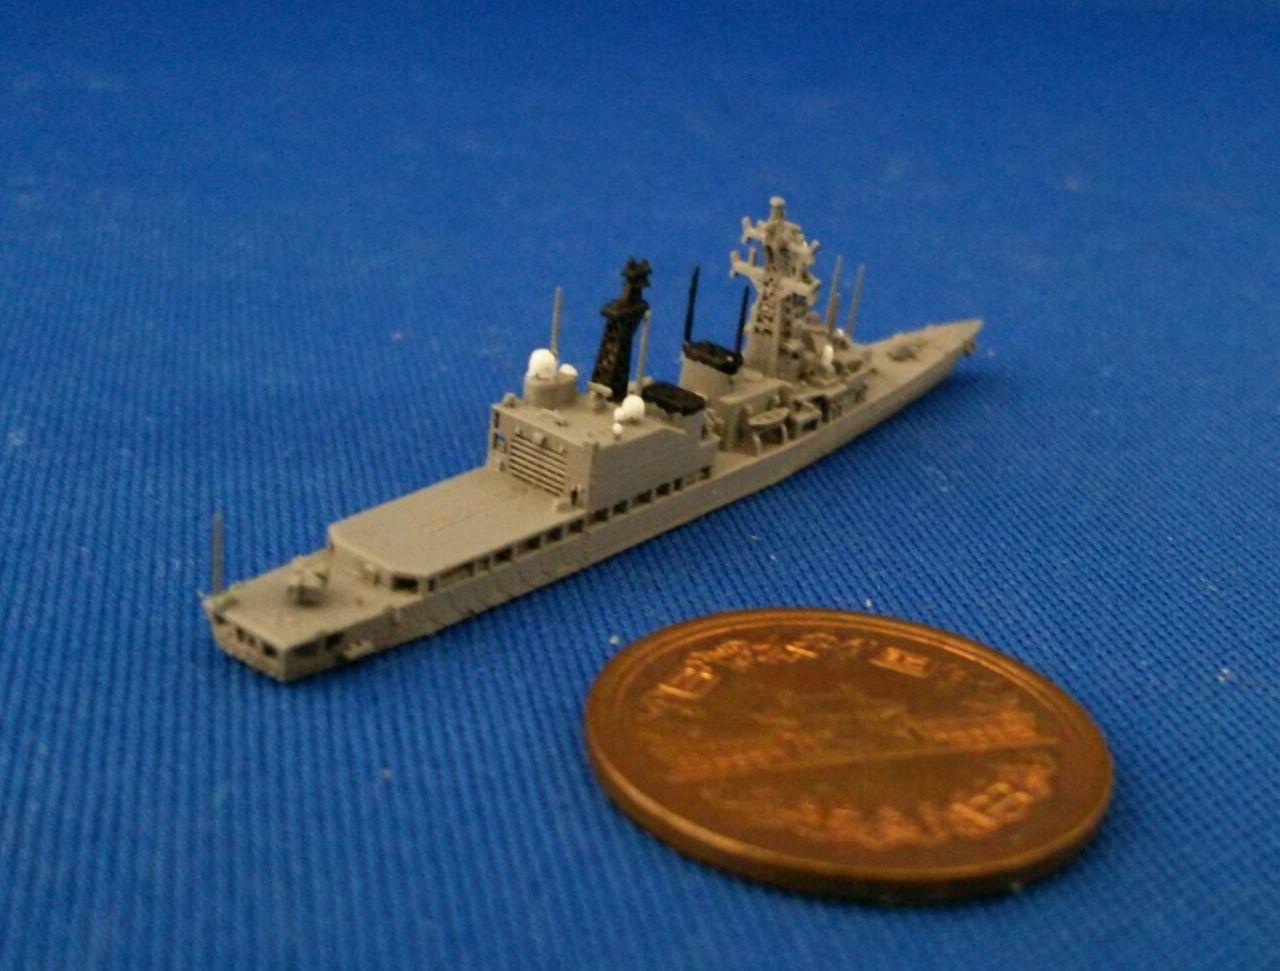 幕之内弁当三次元造形のblog  1/2000 あさぎり型護衛艦後期建造艦を塗ってみるトラックバック                tmakunouchi2013